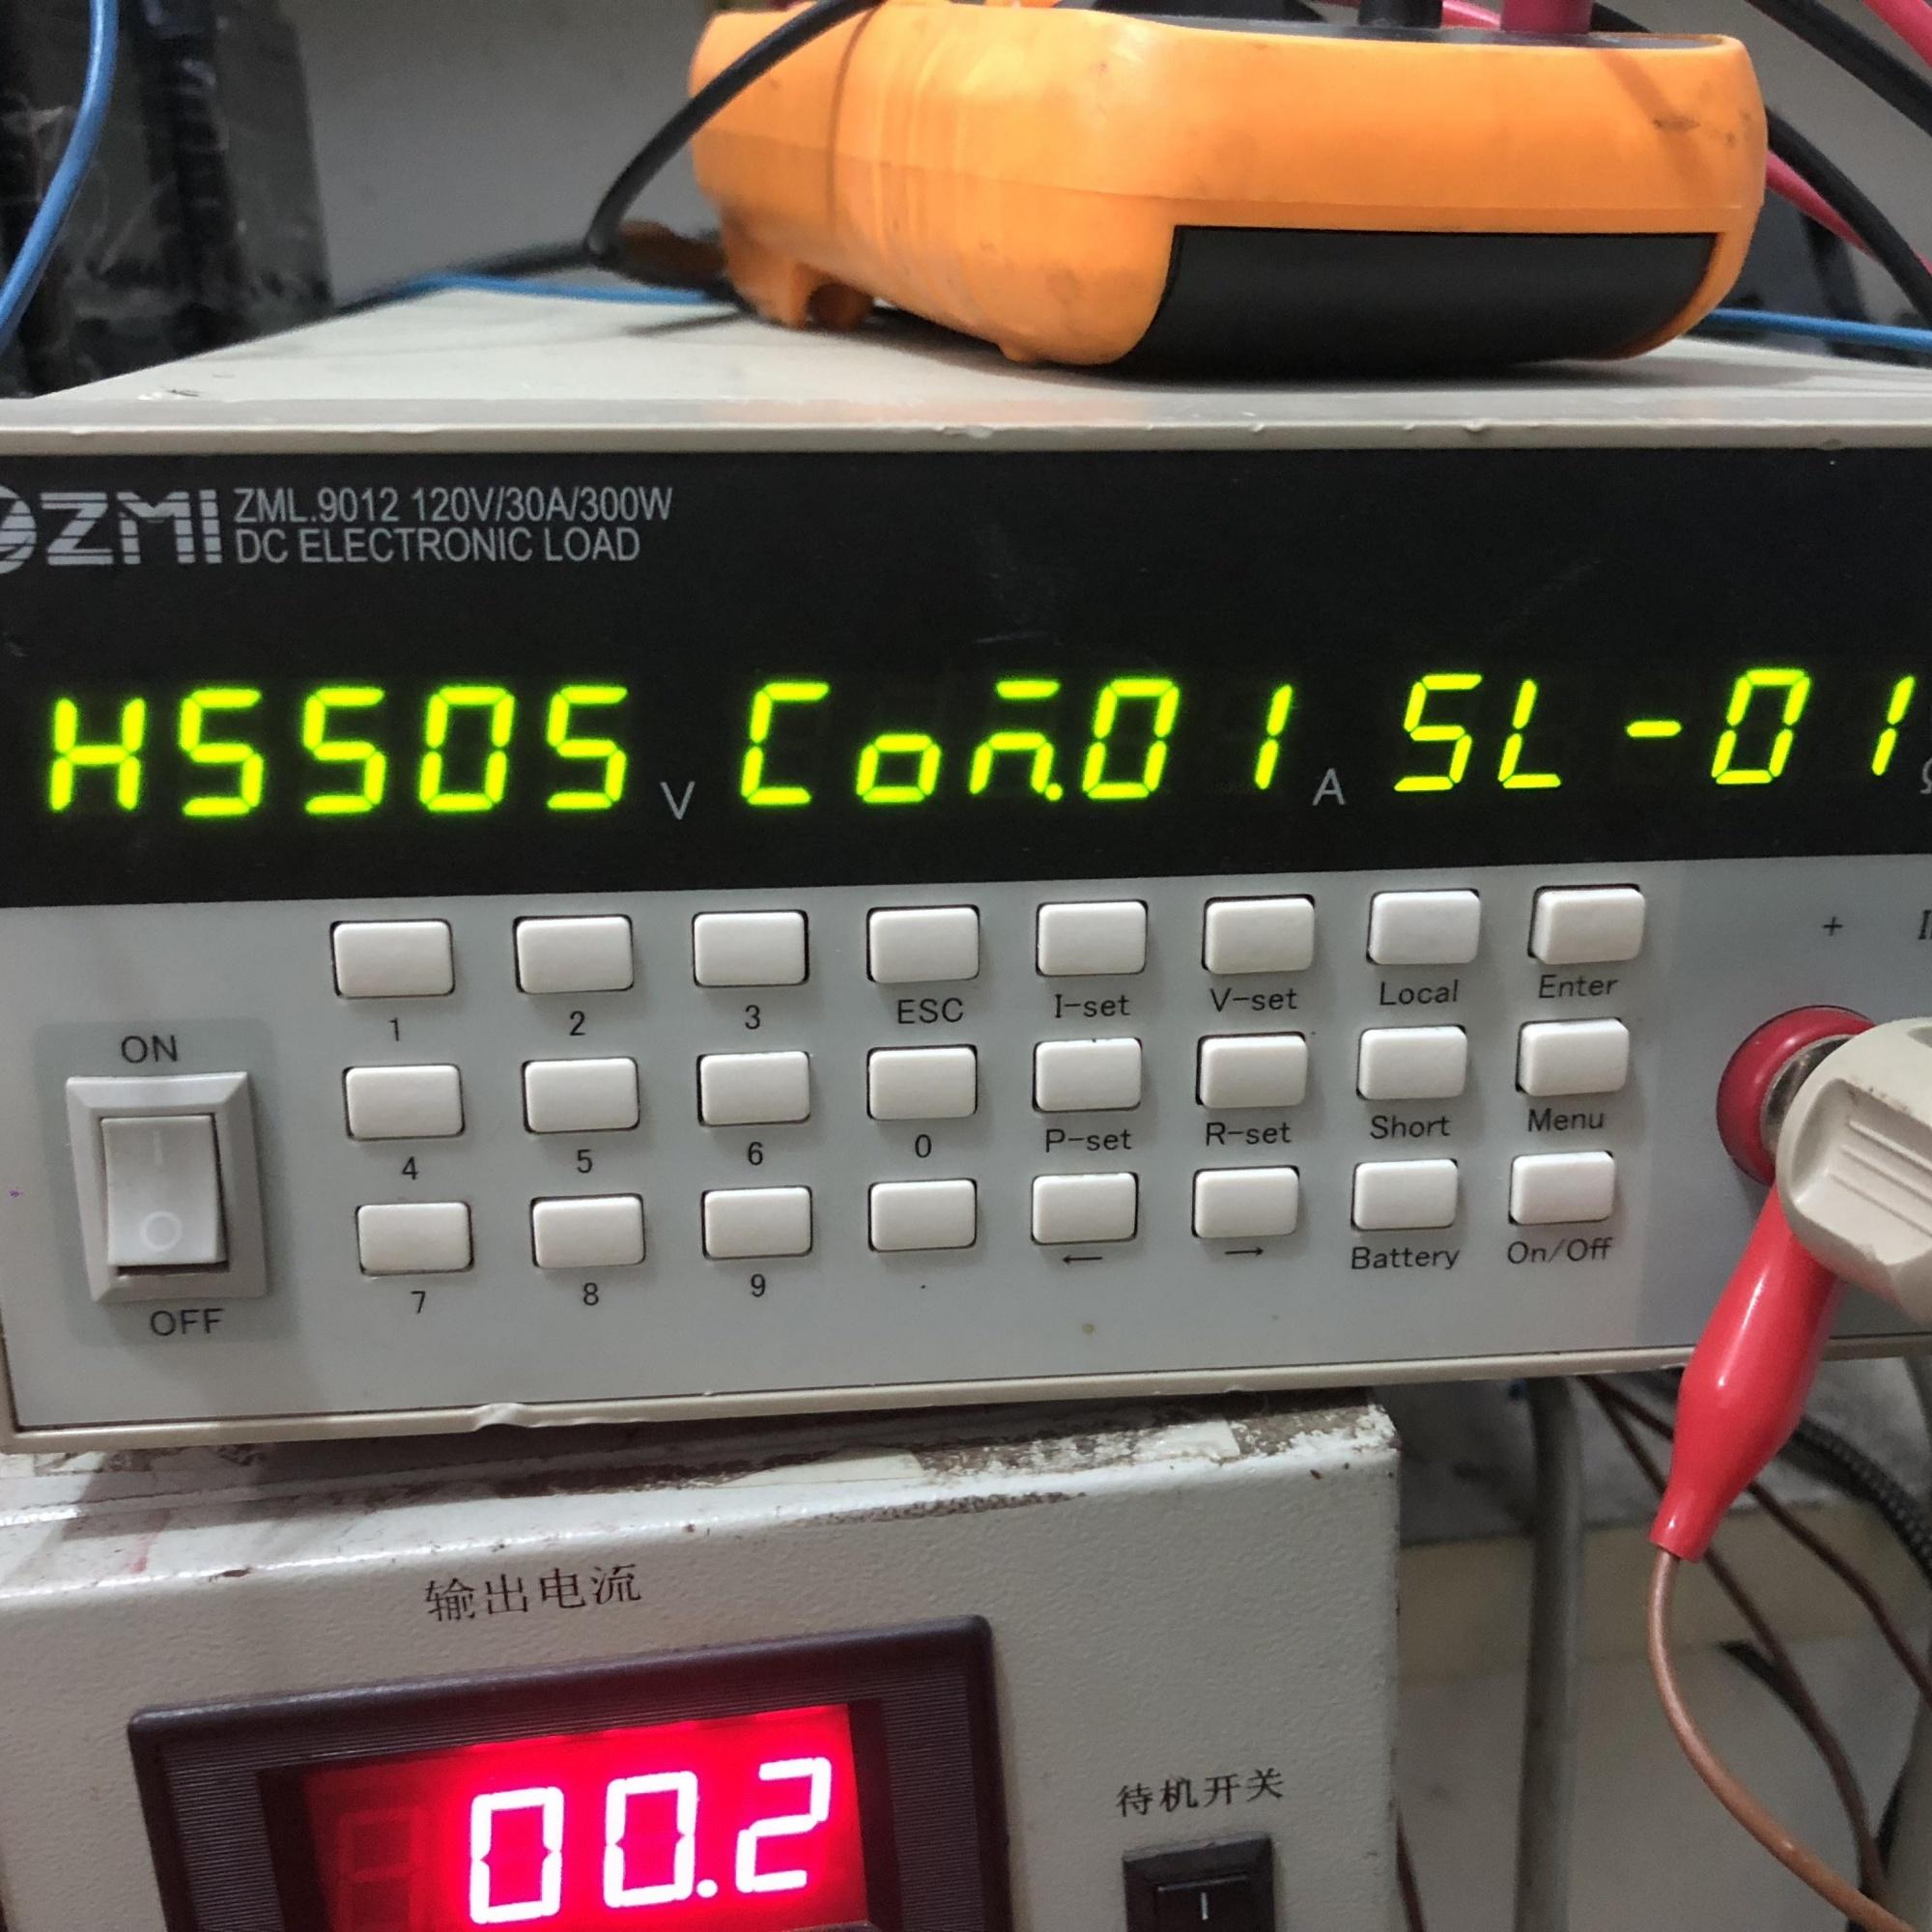 请问ZML 9012电子负载怎么测量电池容量?